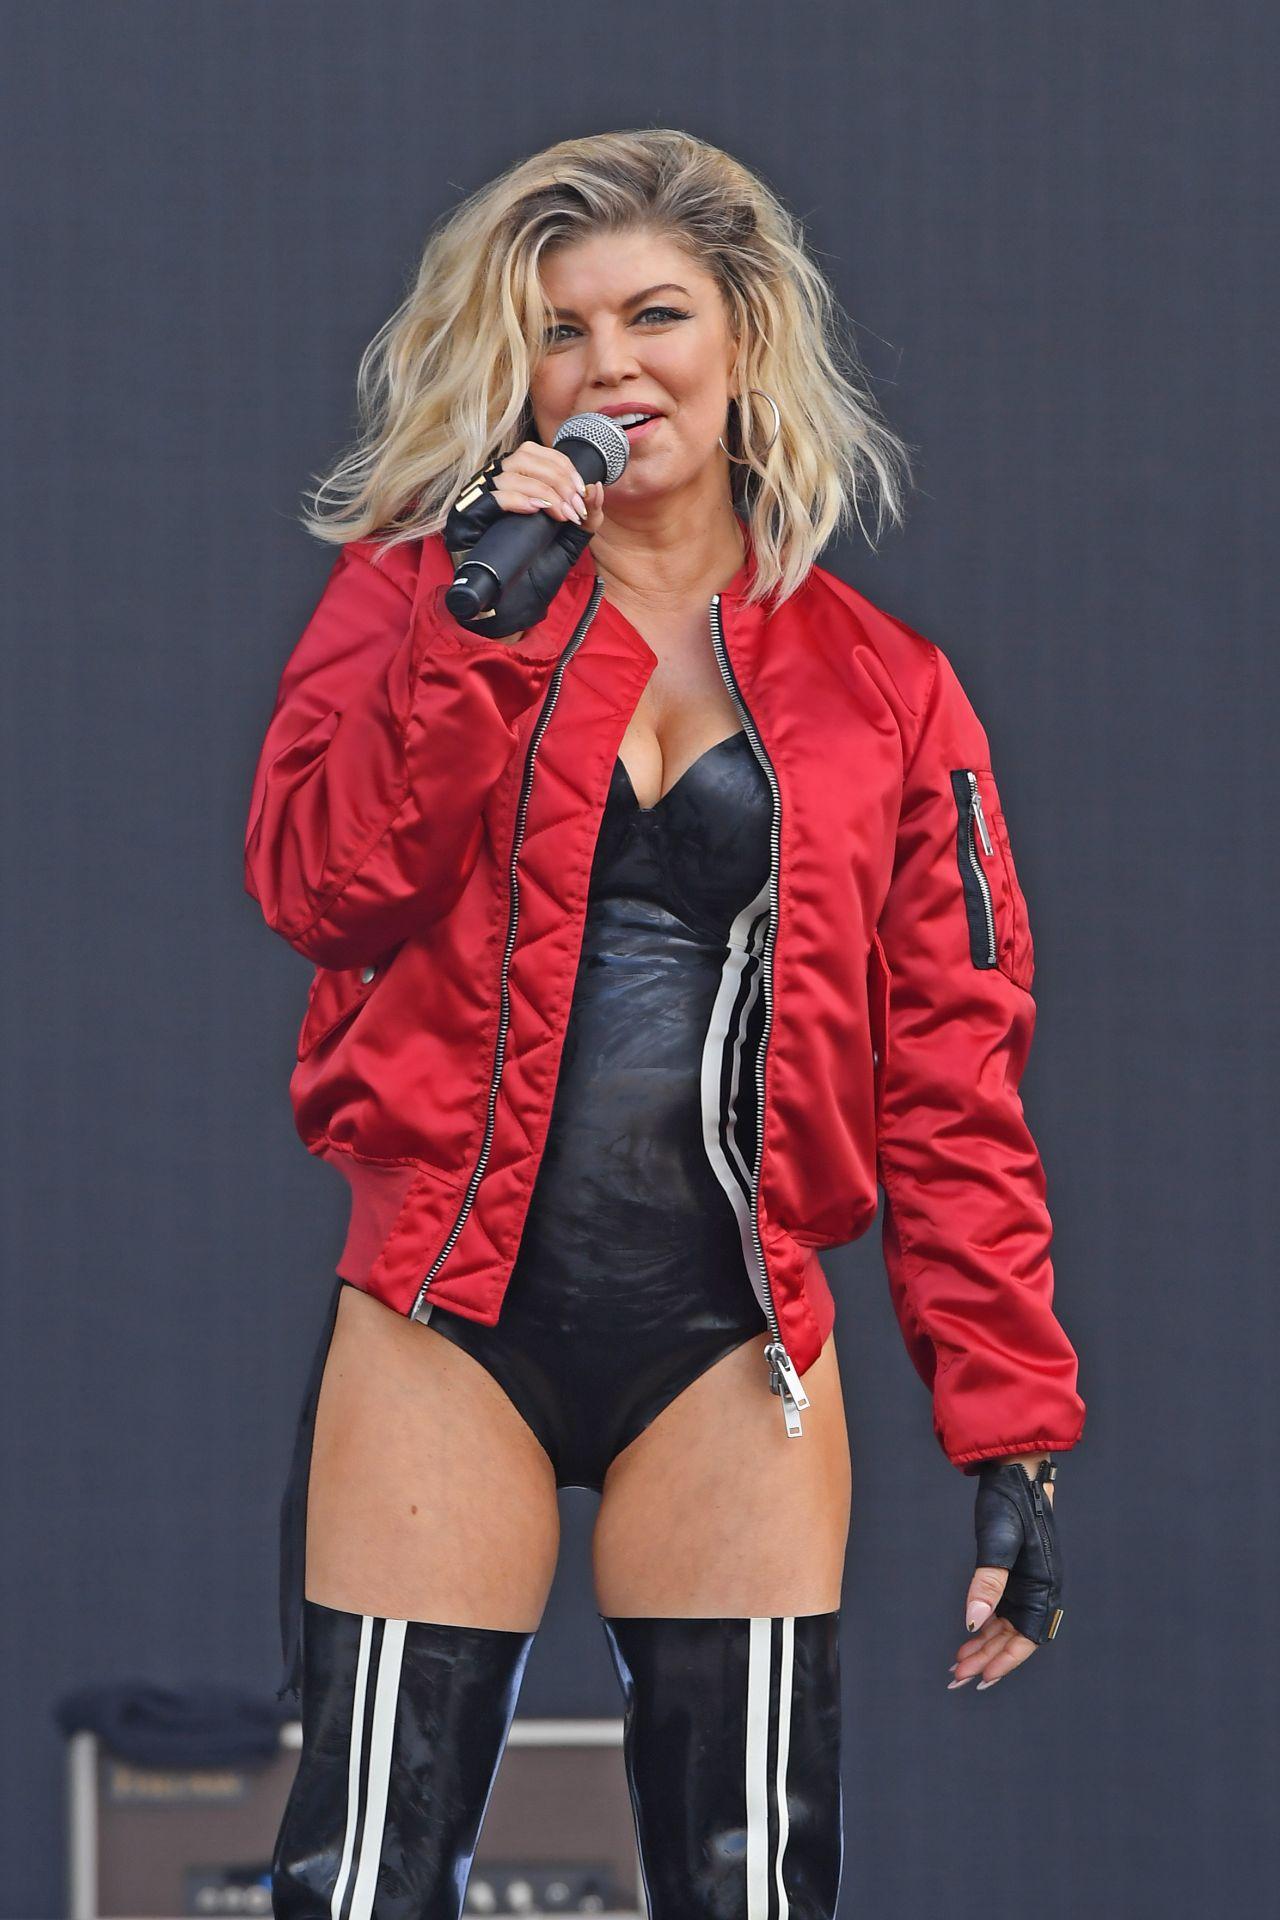 Fergie Performing on Wireless Festival 2016 in London